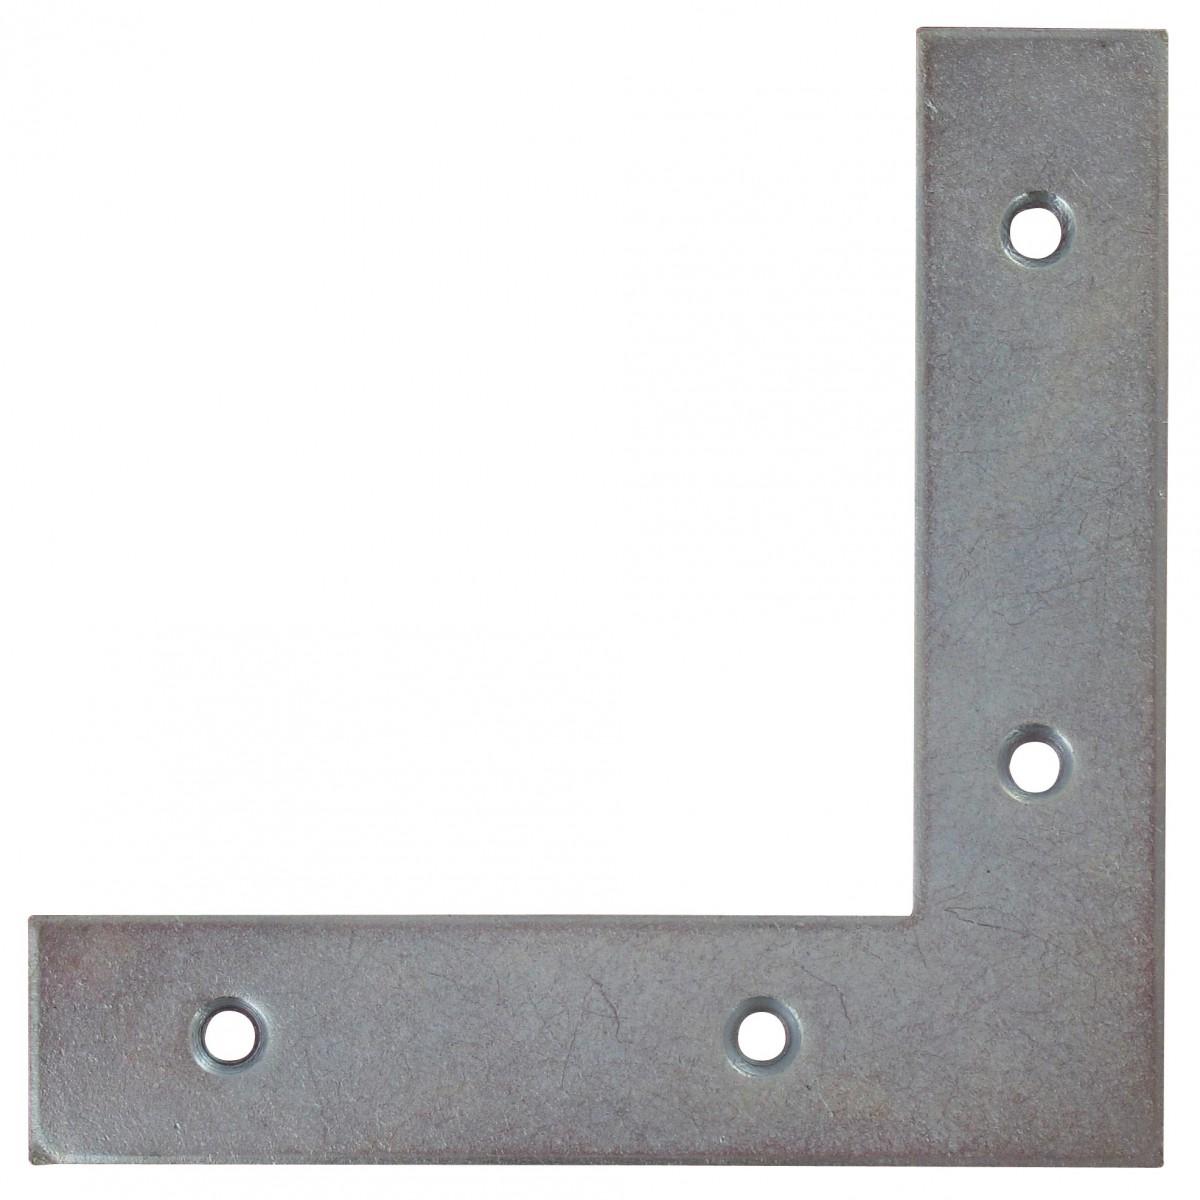 Equerre de fenêtre bouts carrés acier zingué Jardinier Massard - Dimensions 16 x 16 cm